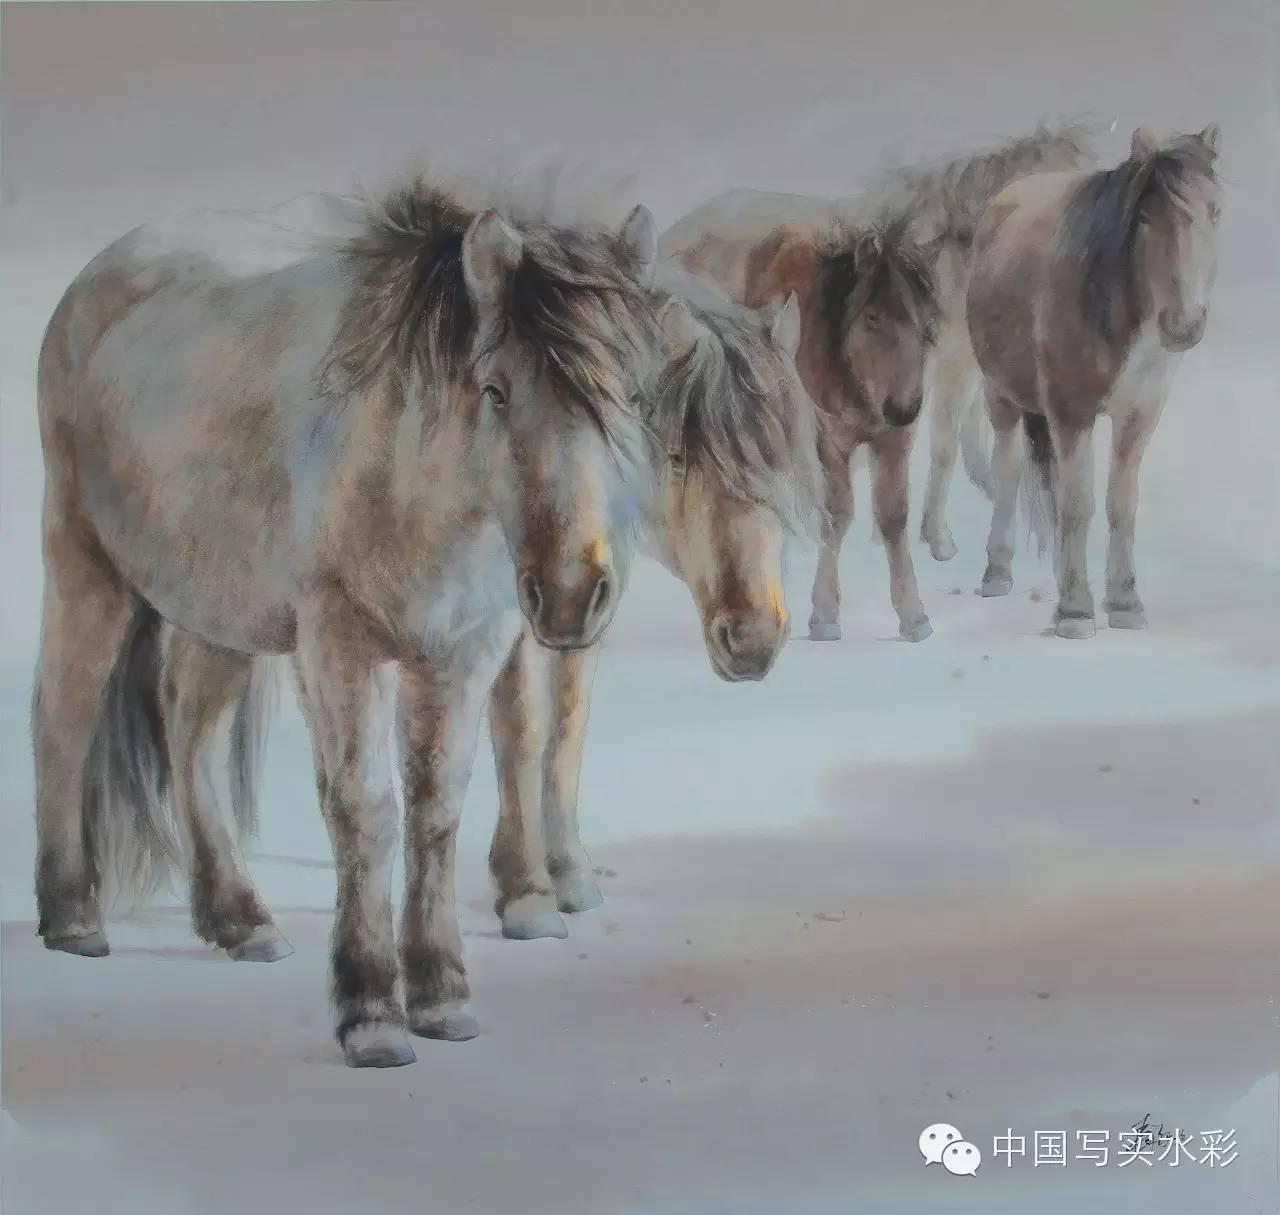 中国写实水彩第一回展——参展画家长海作品欣赏 第13张